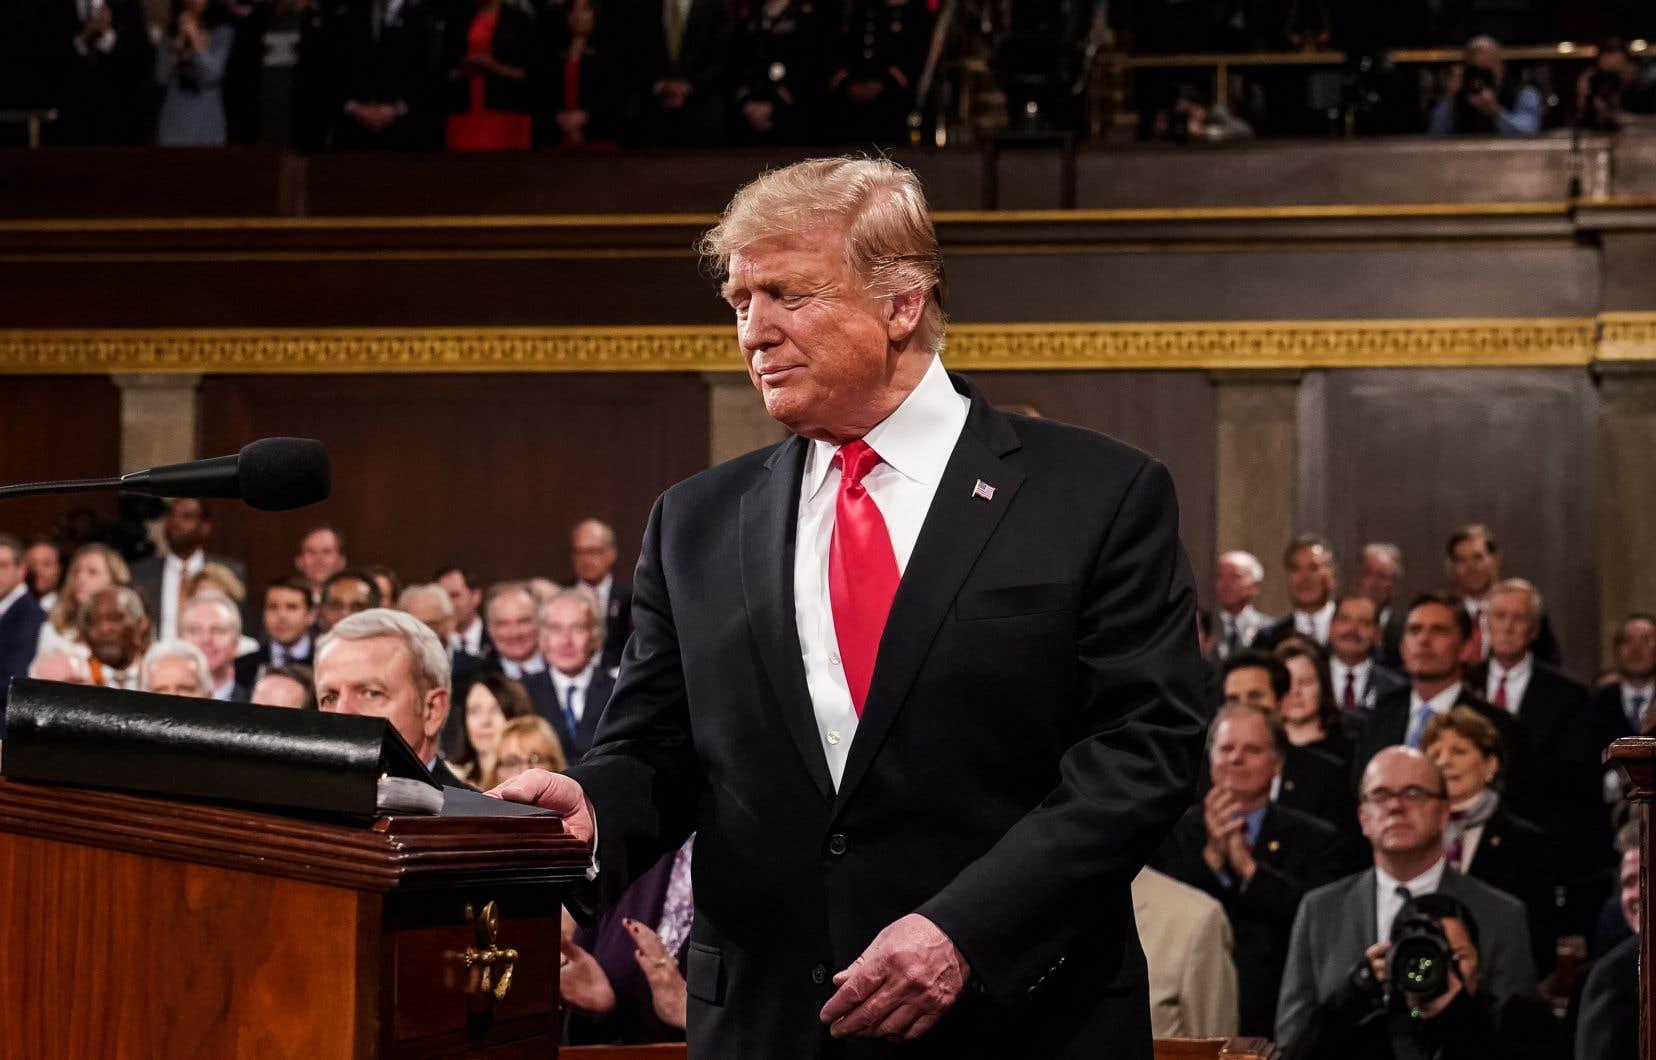 Devant les élus des deux chambres du Congrès, le président Donald Trump a mis de côté son habituelle rhétorique belliqueuse le temps d'un discours.